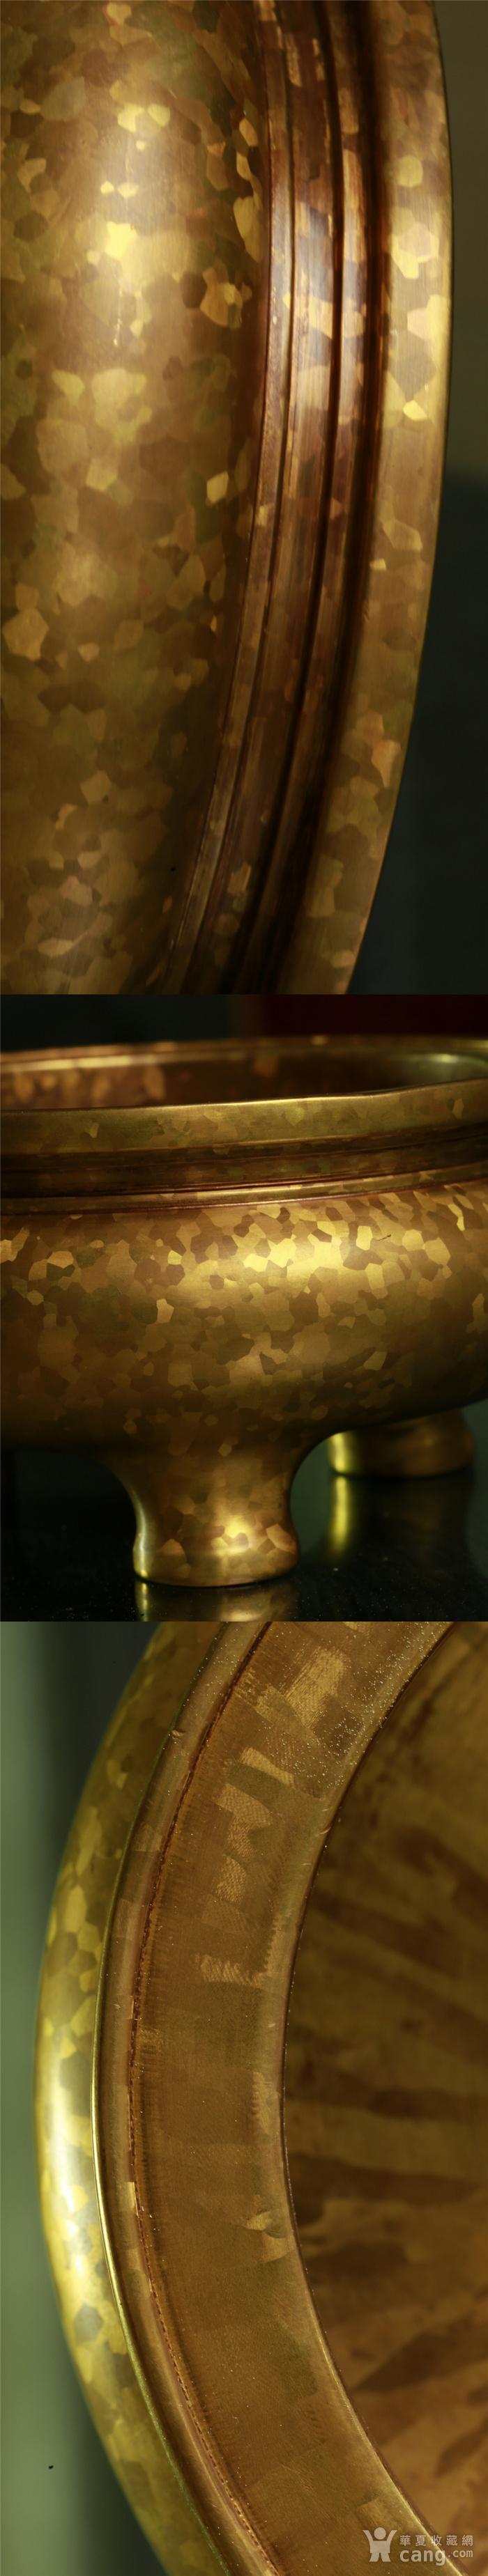 斑金铜三足 鬲式香炉图8